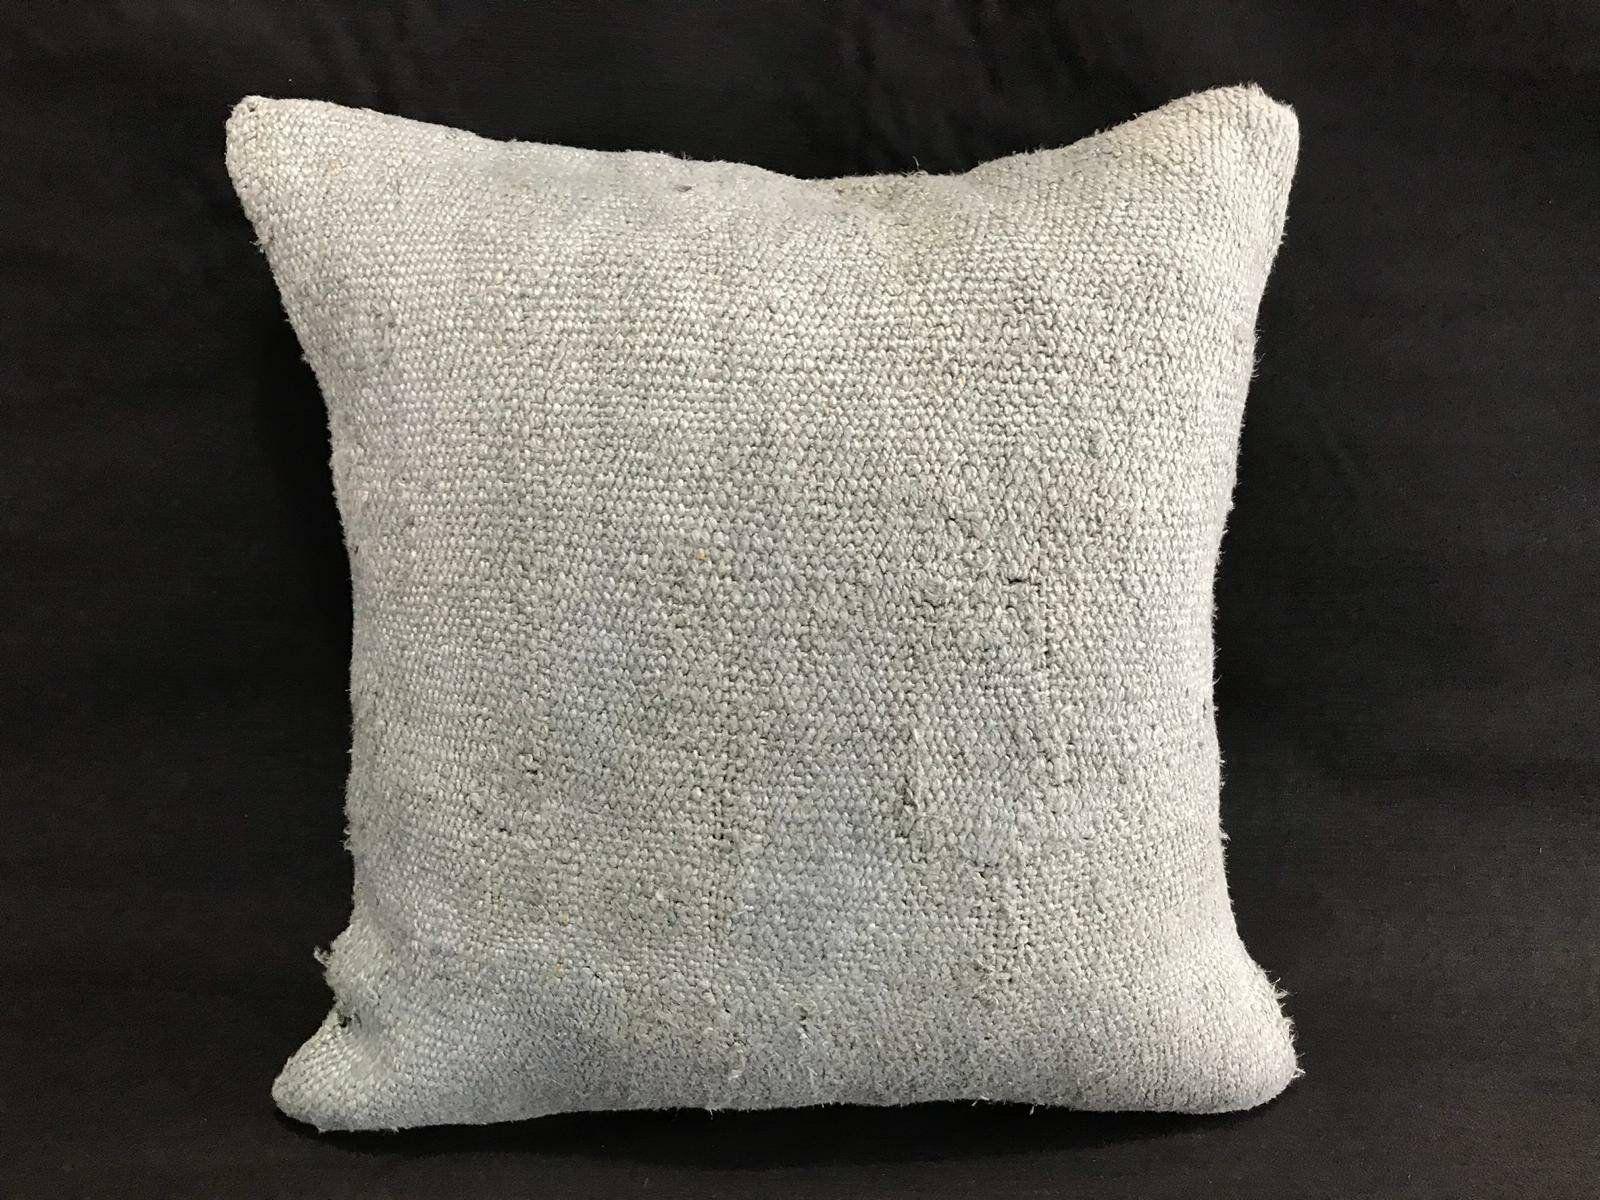 Hemp Pillow Hemp Kilim Pillow Antique Handmade Hemp Kilim Cushion Cover Sofa Pillow Handwoven Pillows Pillow 16x16 Inches 40x40cm